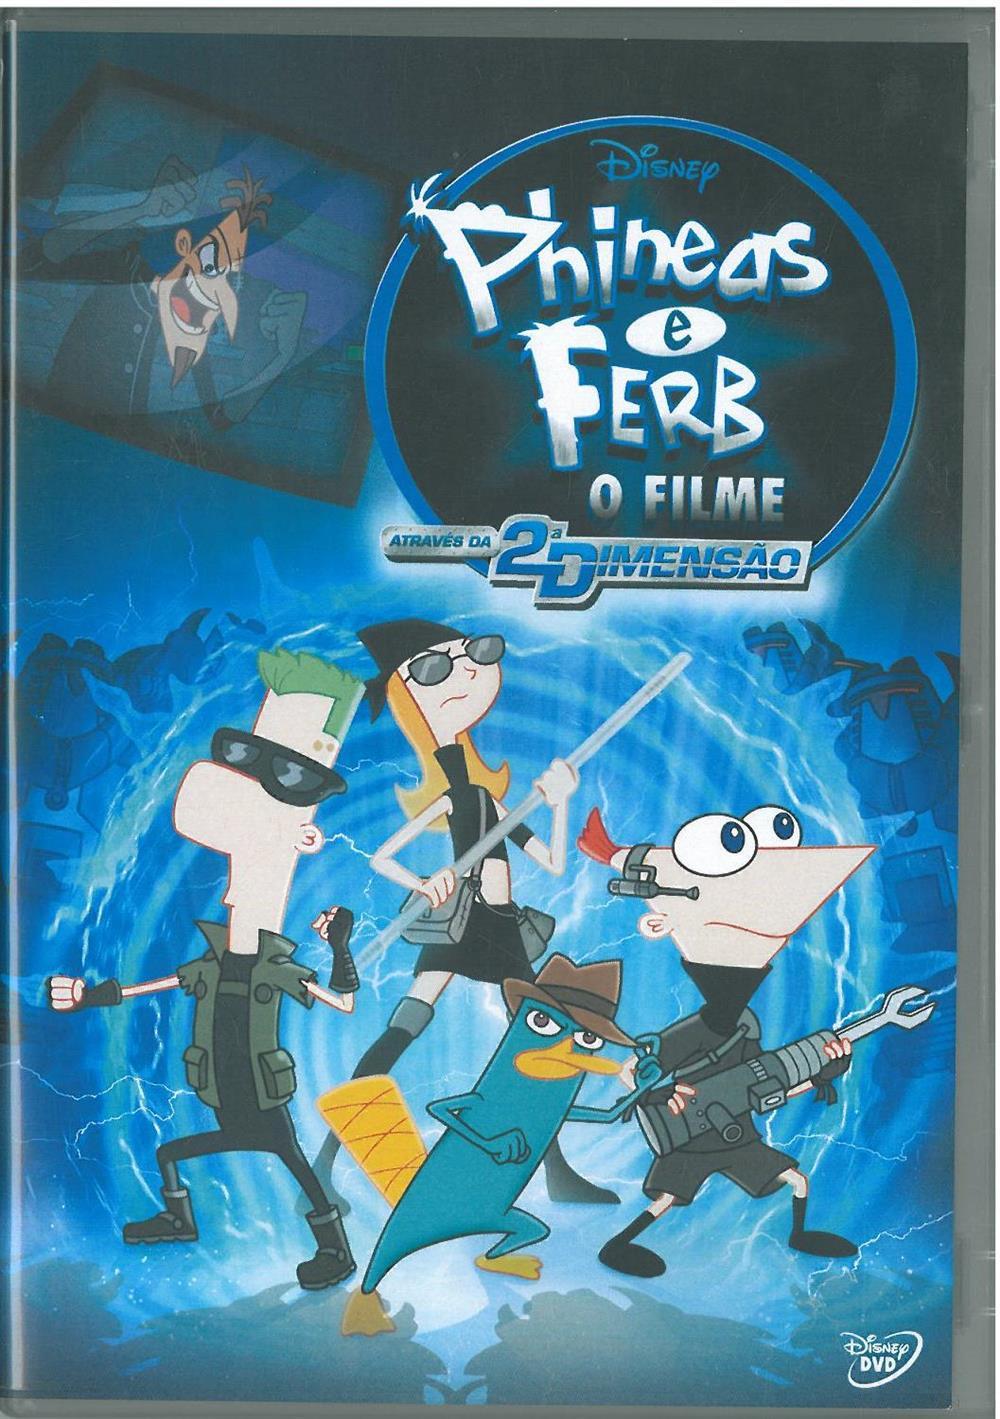 Phineas & Ferb_o filme_DVD.jpg